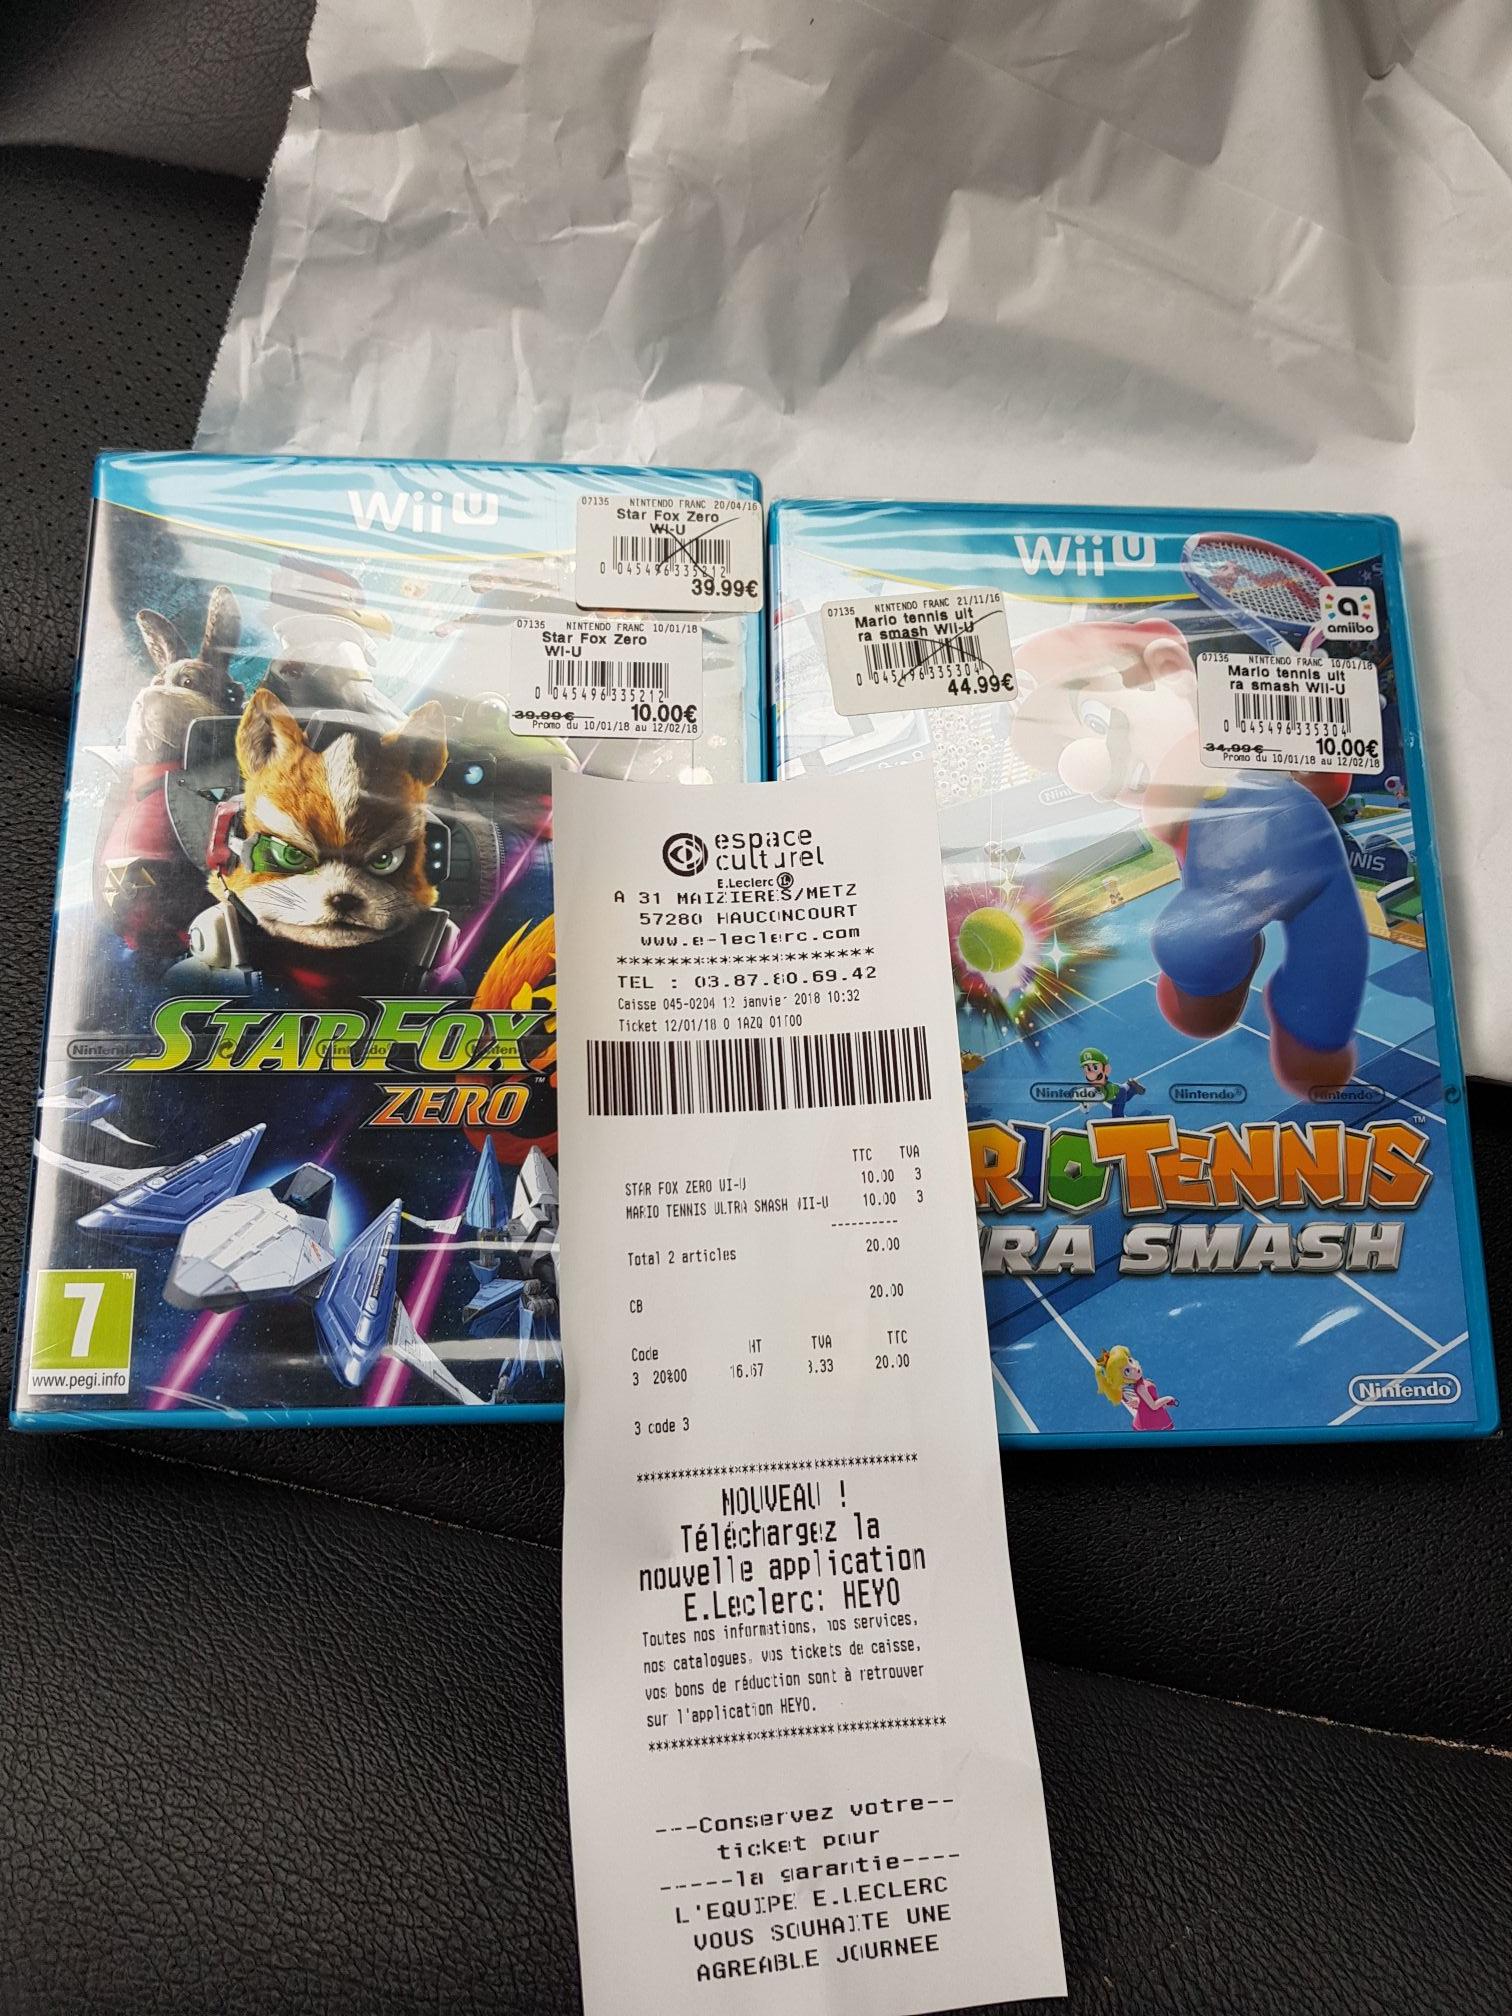 Starfox zero sur Wii U à 10€ et Mario tennis sur Wii U à 10€ - Leclerc hauconcourt (57)